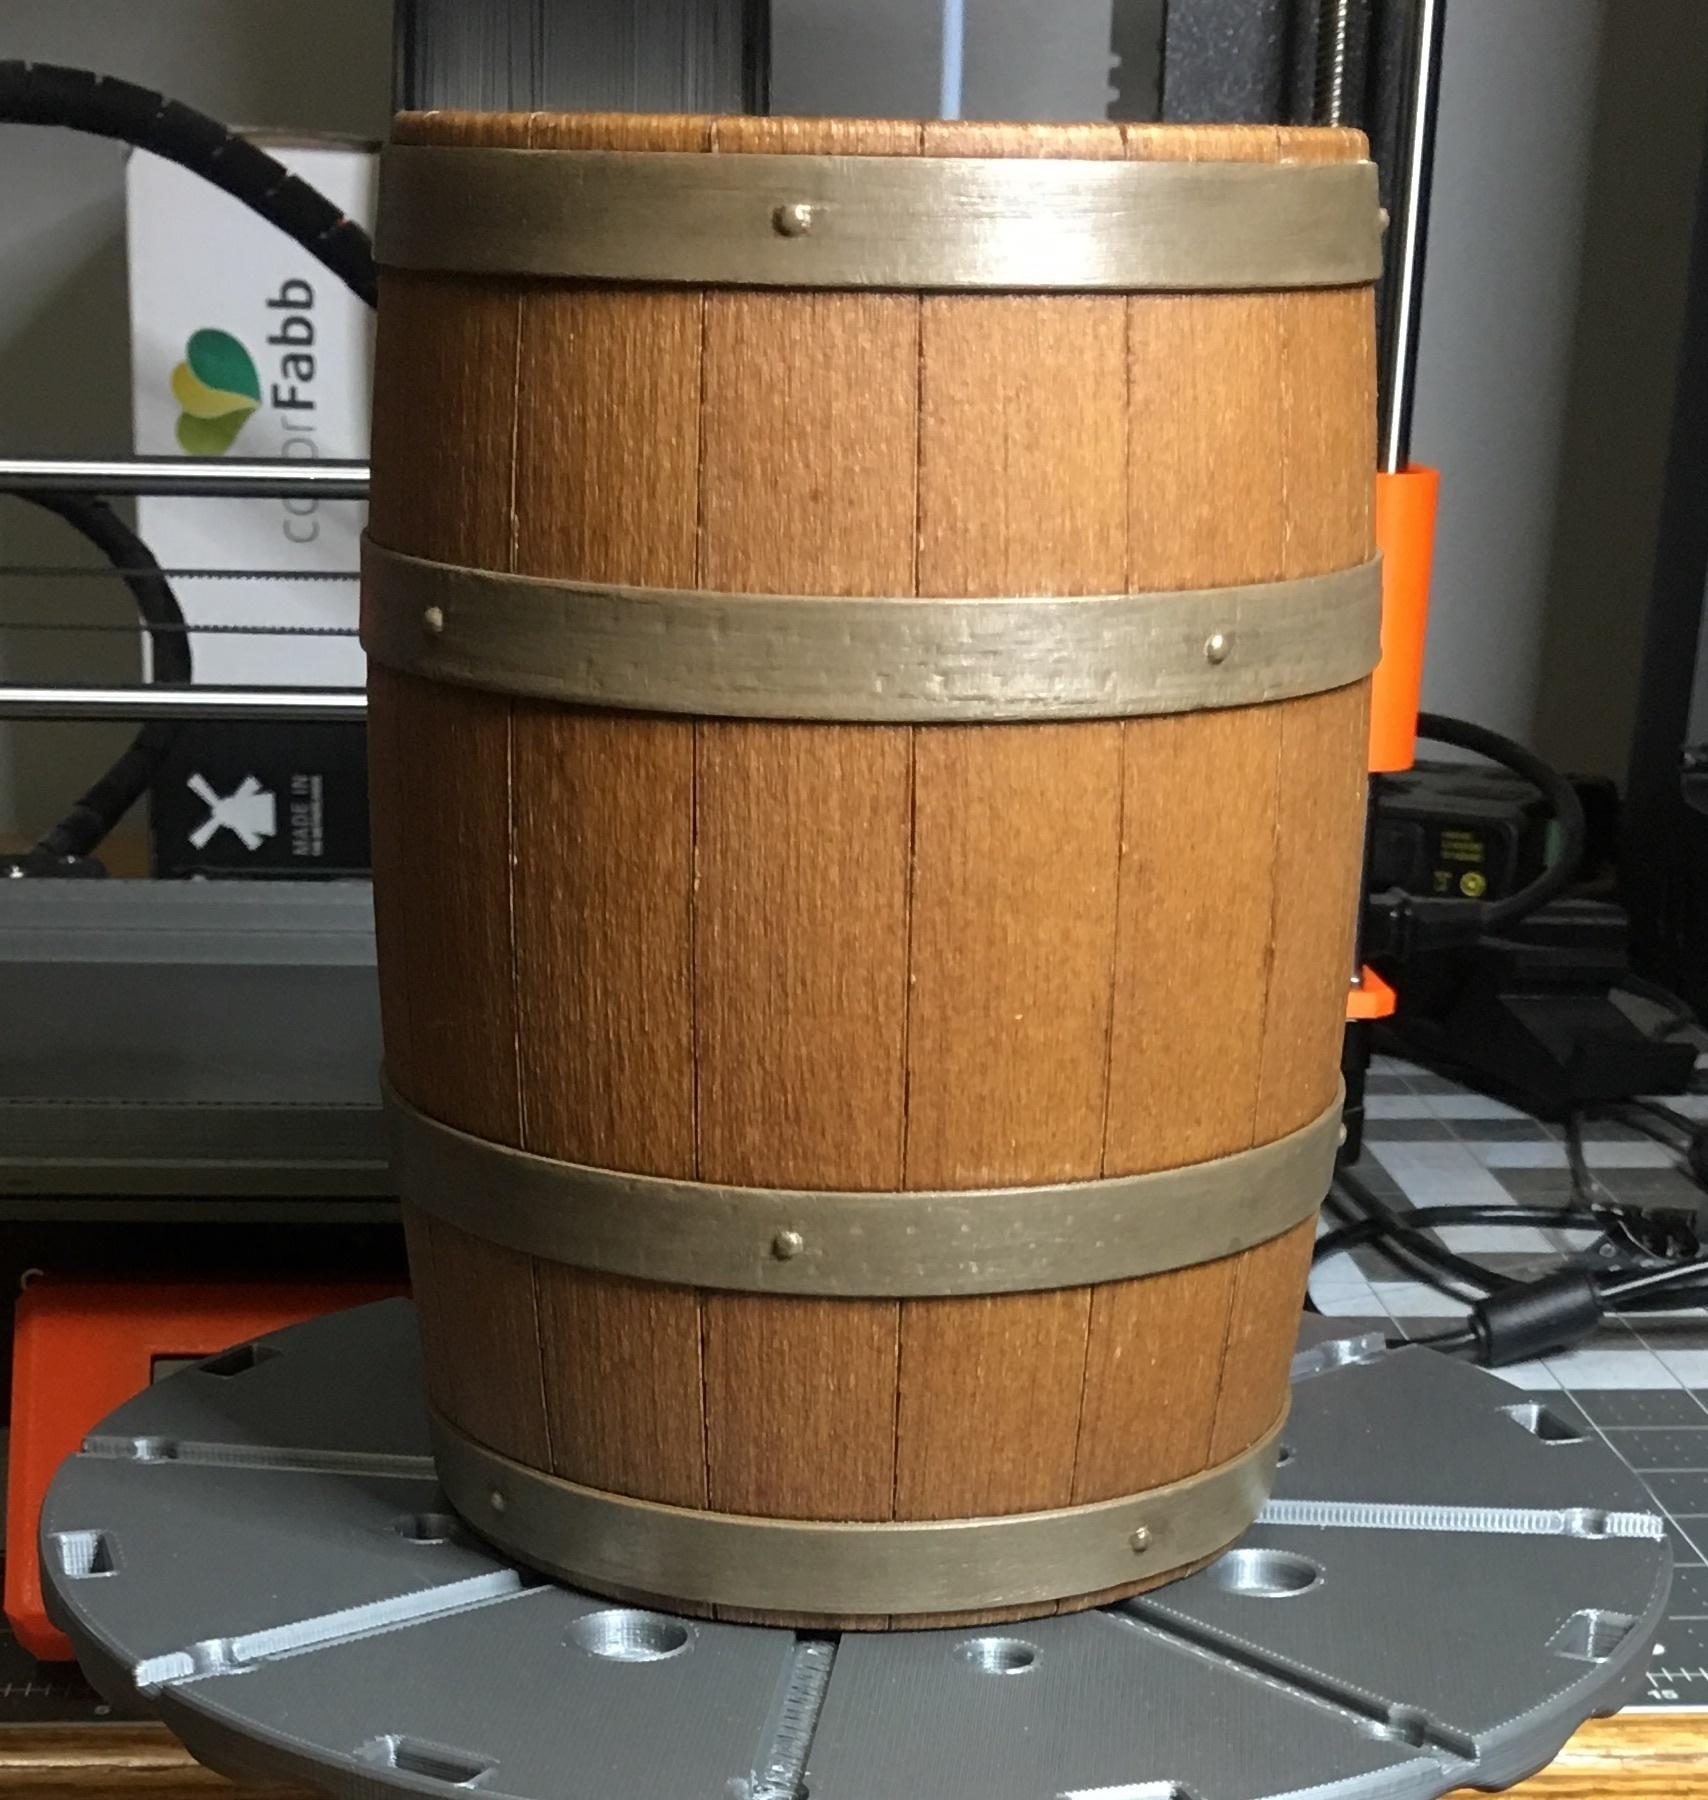 3d Printed Wooden Barrel Model Kit By Papagolfdesigns At Shawca Pinshape